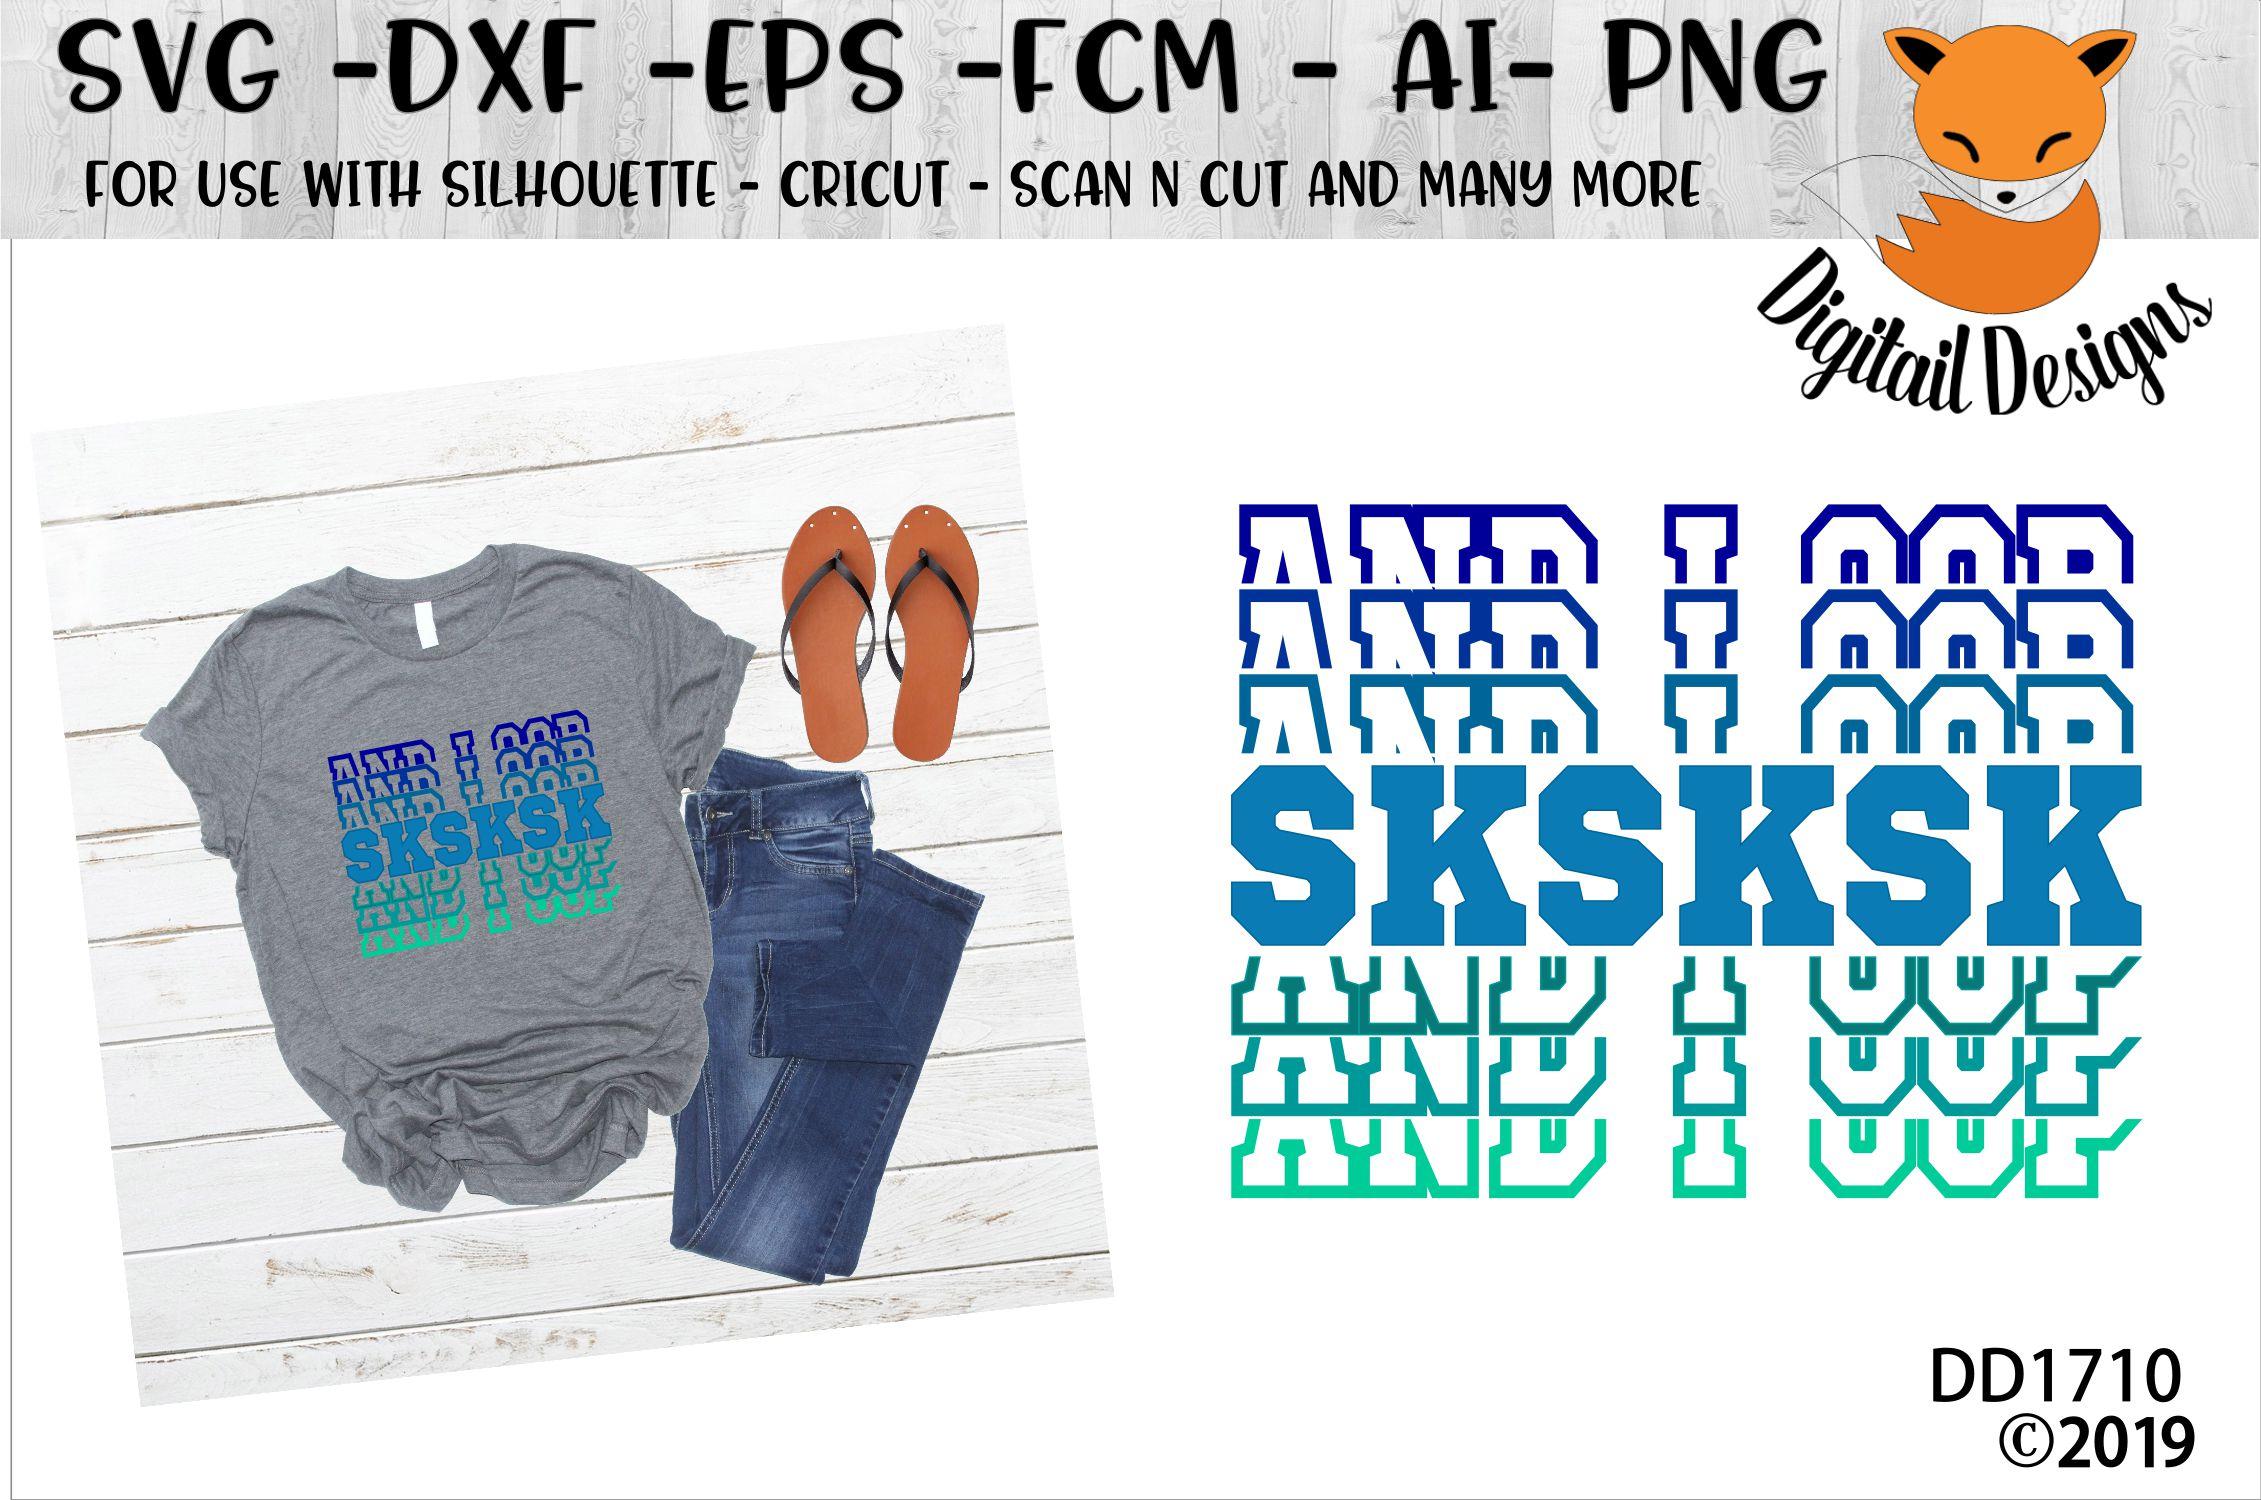 SKSKSK And I Oop Basic Girl SVG example image 1